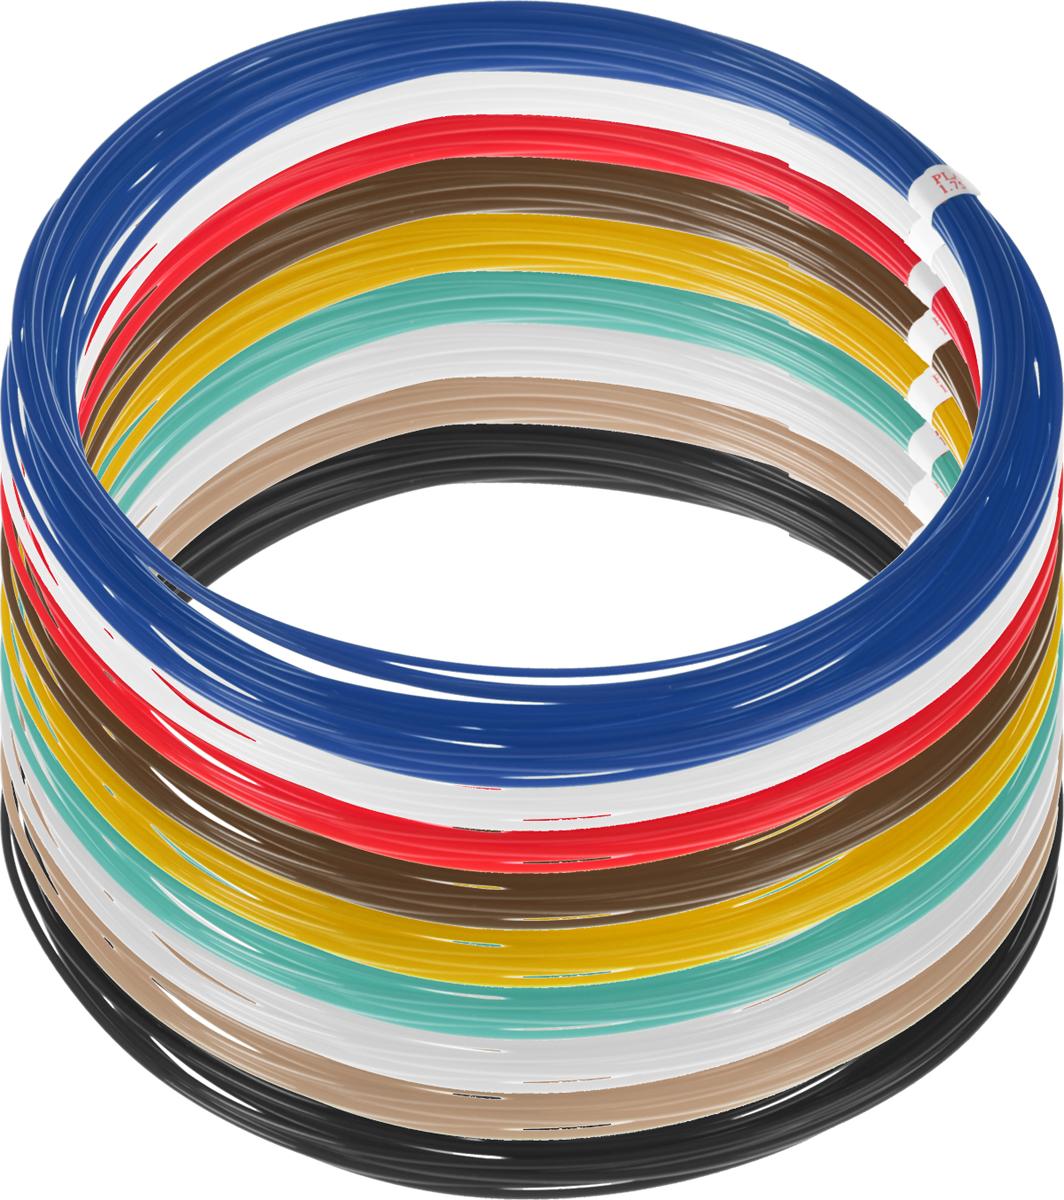 Plastiq пластик PLA 9 цветов по 10 м2990000001894Пластик PLA создается из самых разнообразных продуктов сельского хозяйства - кукурузы, картофеля, сахарной свеклы и т.п. - и считается более экологичным, чем ABS, в основе которого лежит нефть. Изначально он применялся для изготовления продуктовых упаковок и легко утилизируется в промышленных компостных установках. При плавлении не выделяет едких запахов.